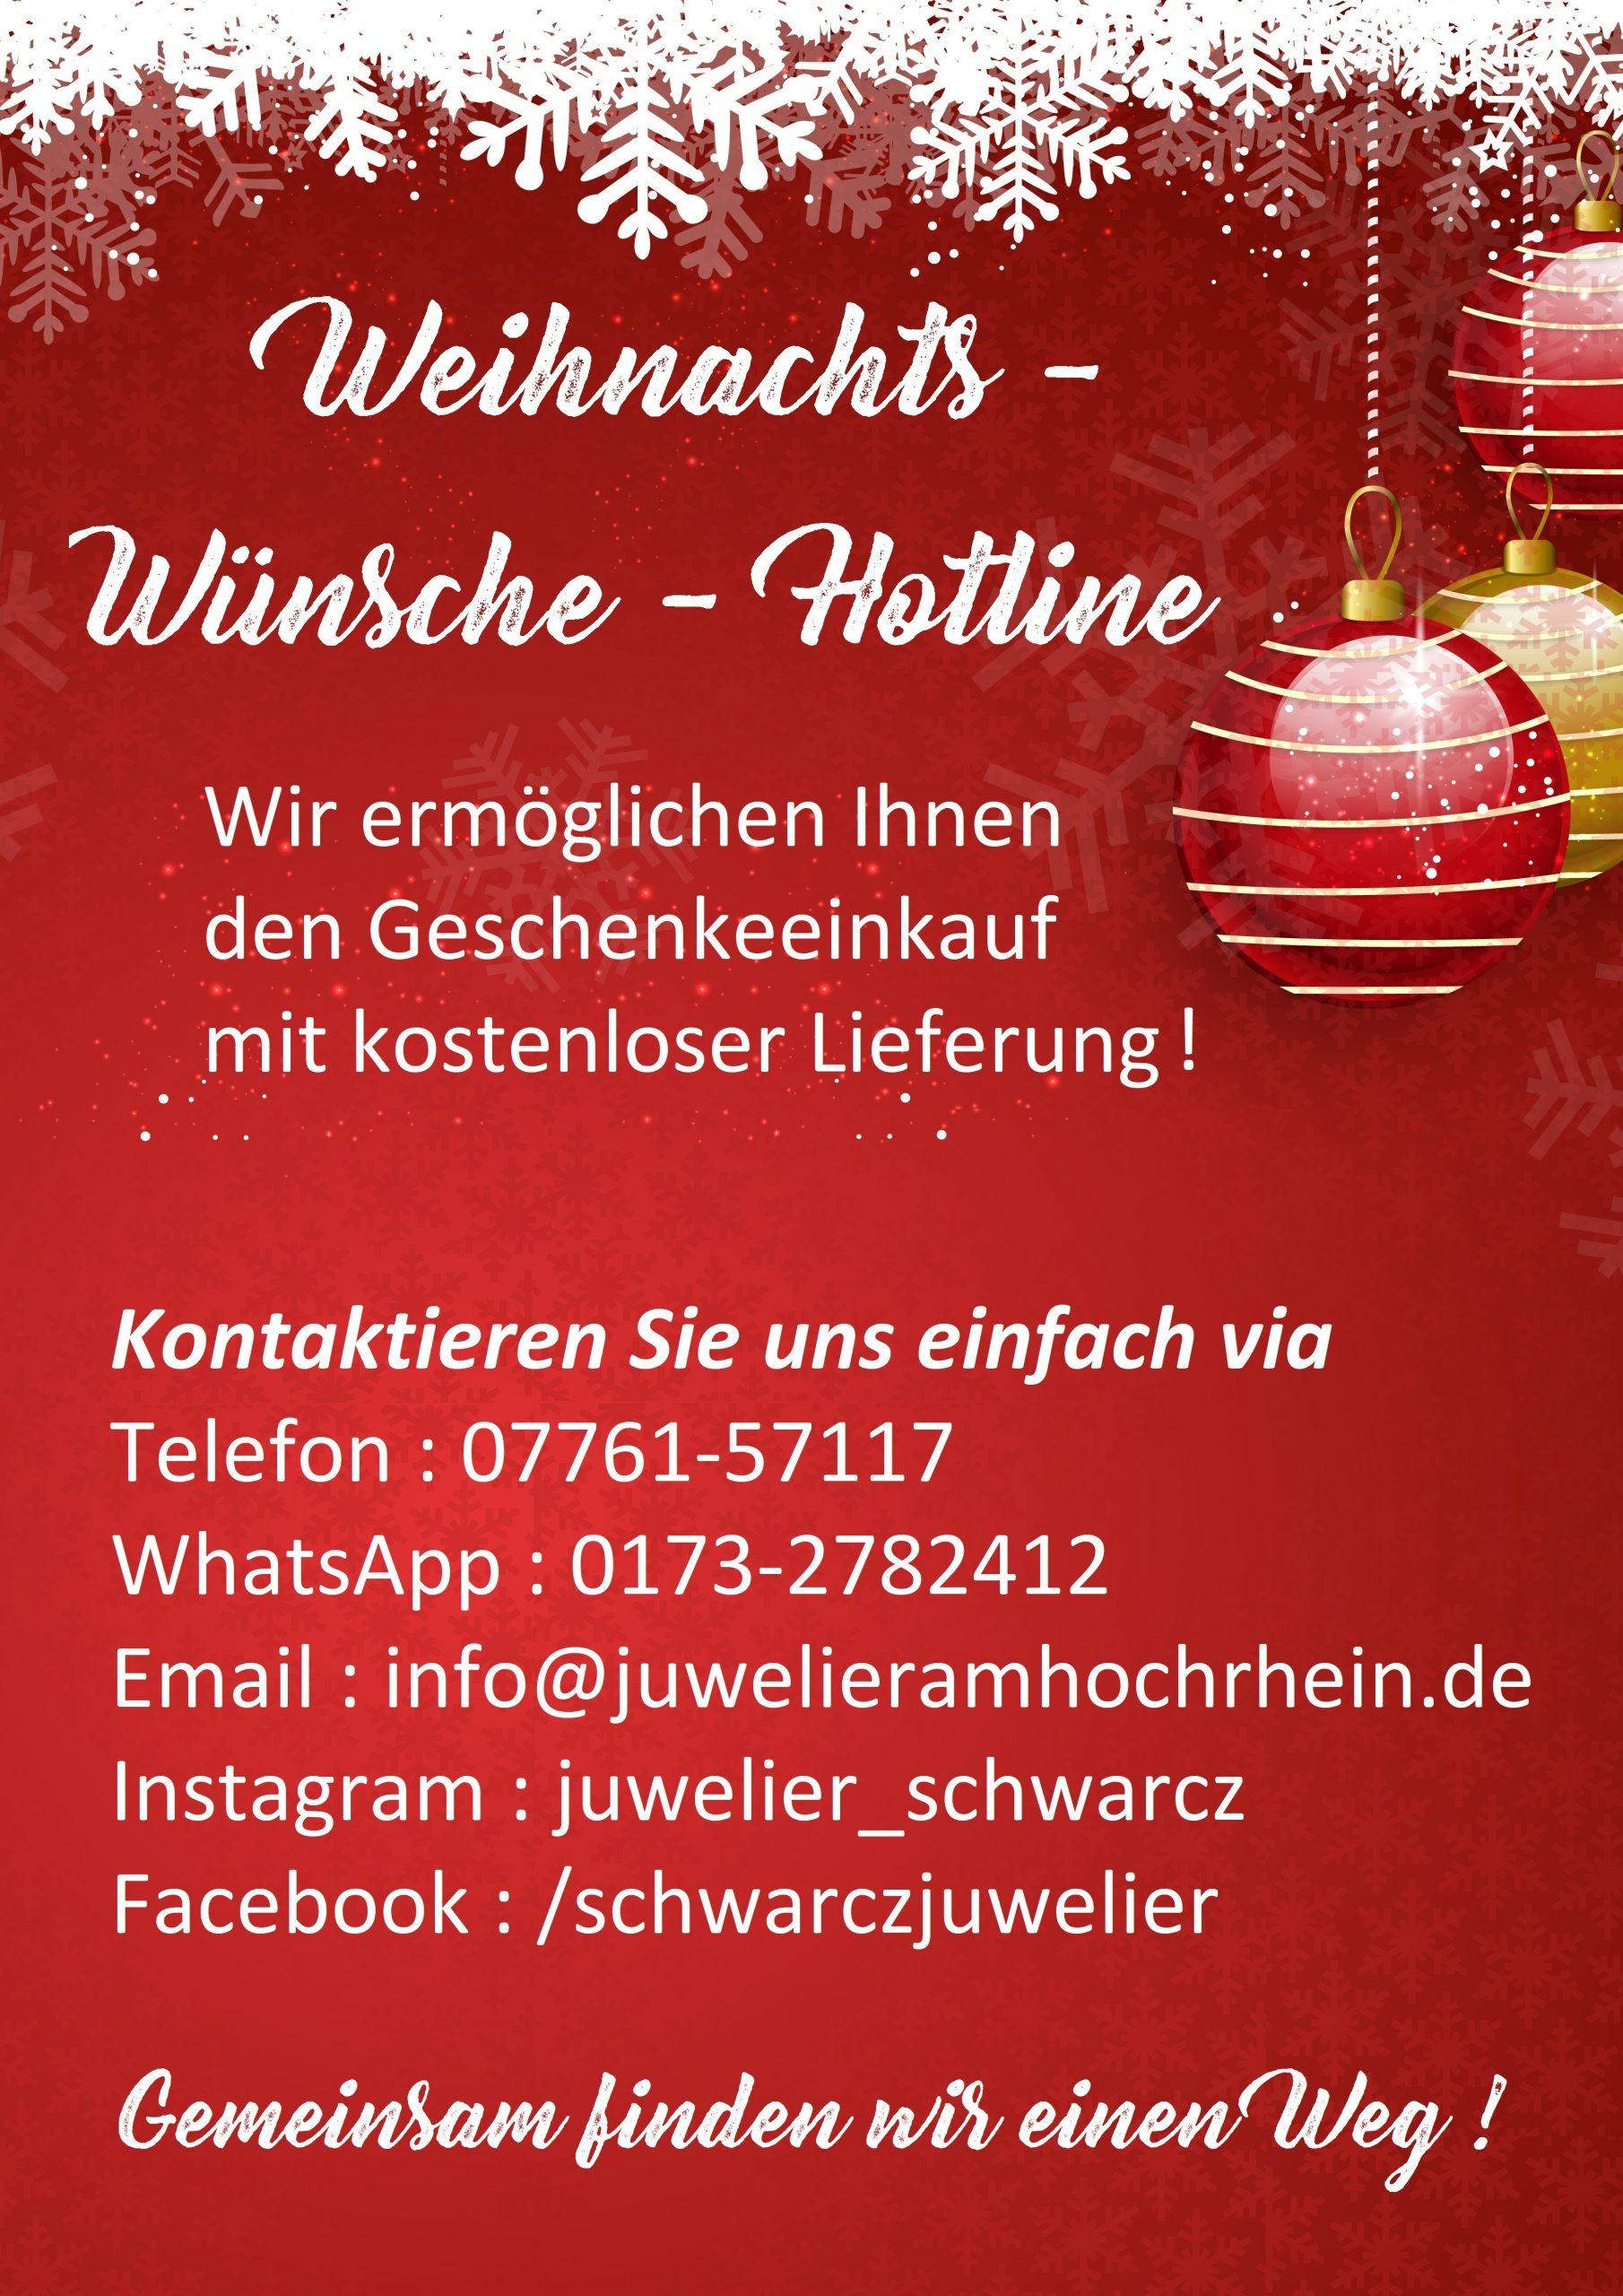 Weihnachts Wünsche Hotline 16.12